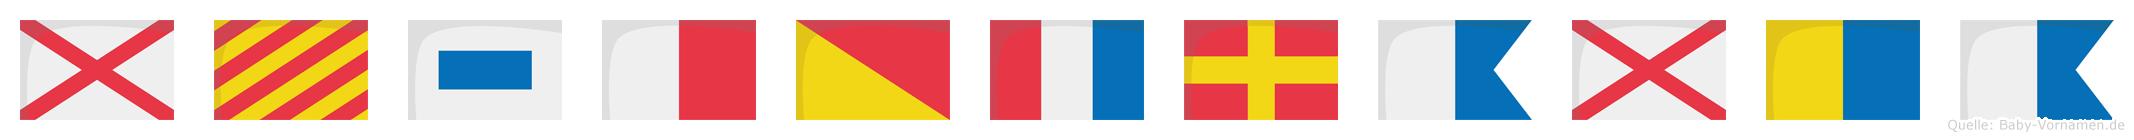 Vyshotravka im Flaggenalphabet